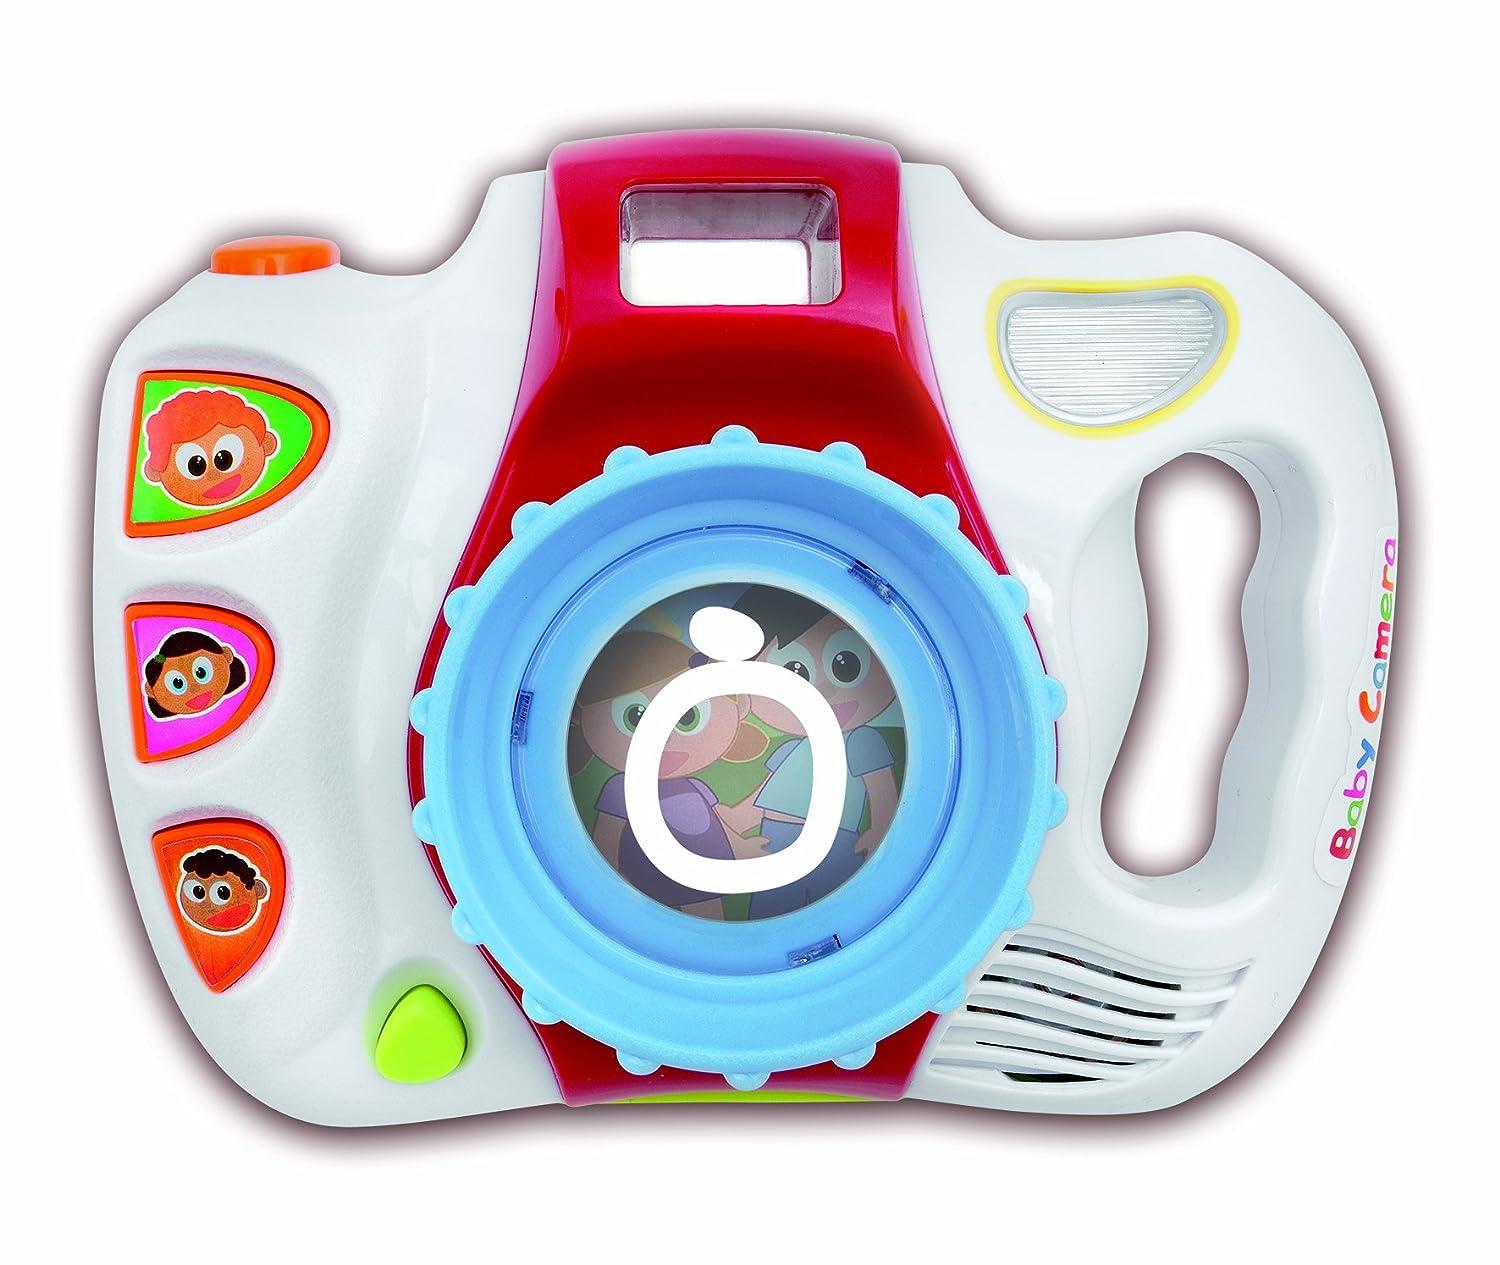 Original Toy Company BMF0831 Baby Camera   B004SKYM8O